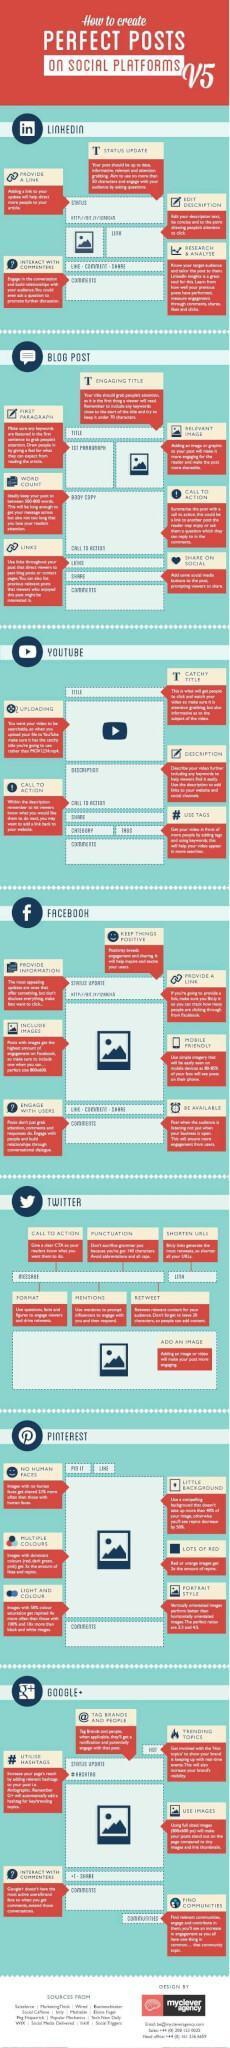 infografia post optimizados